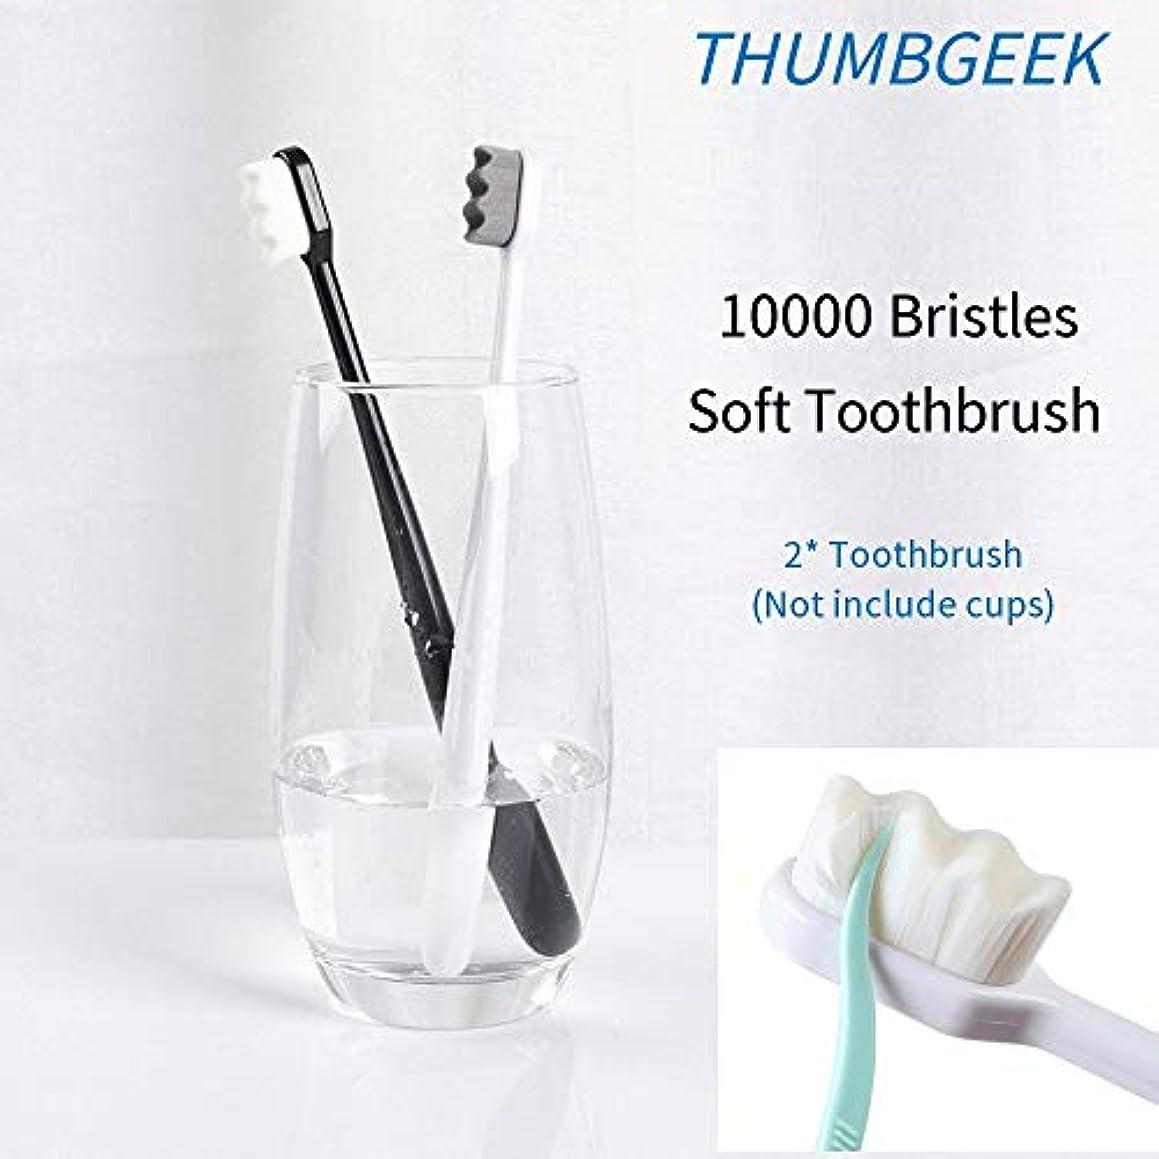 注入するダースにんじん2本の歯ブラシ、ウルトラソフト歯ブラシ、家族の妊娠中の女性用、年配の看護の歯肉に敏感なディープマウスクリーンオーラルケア、手動歯ブラシ